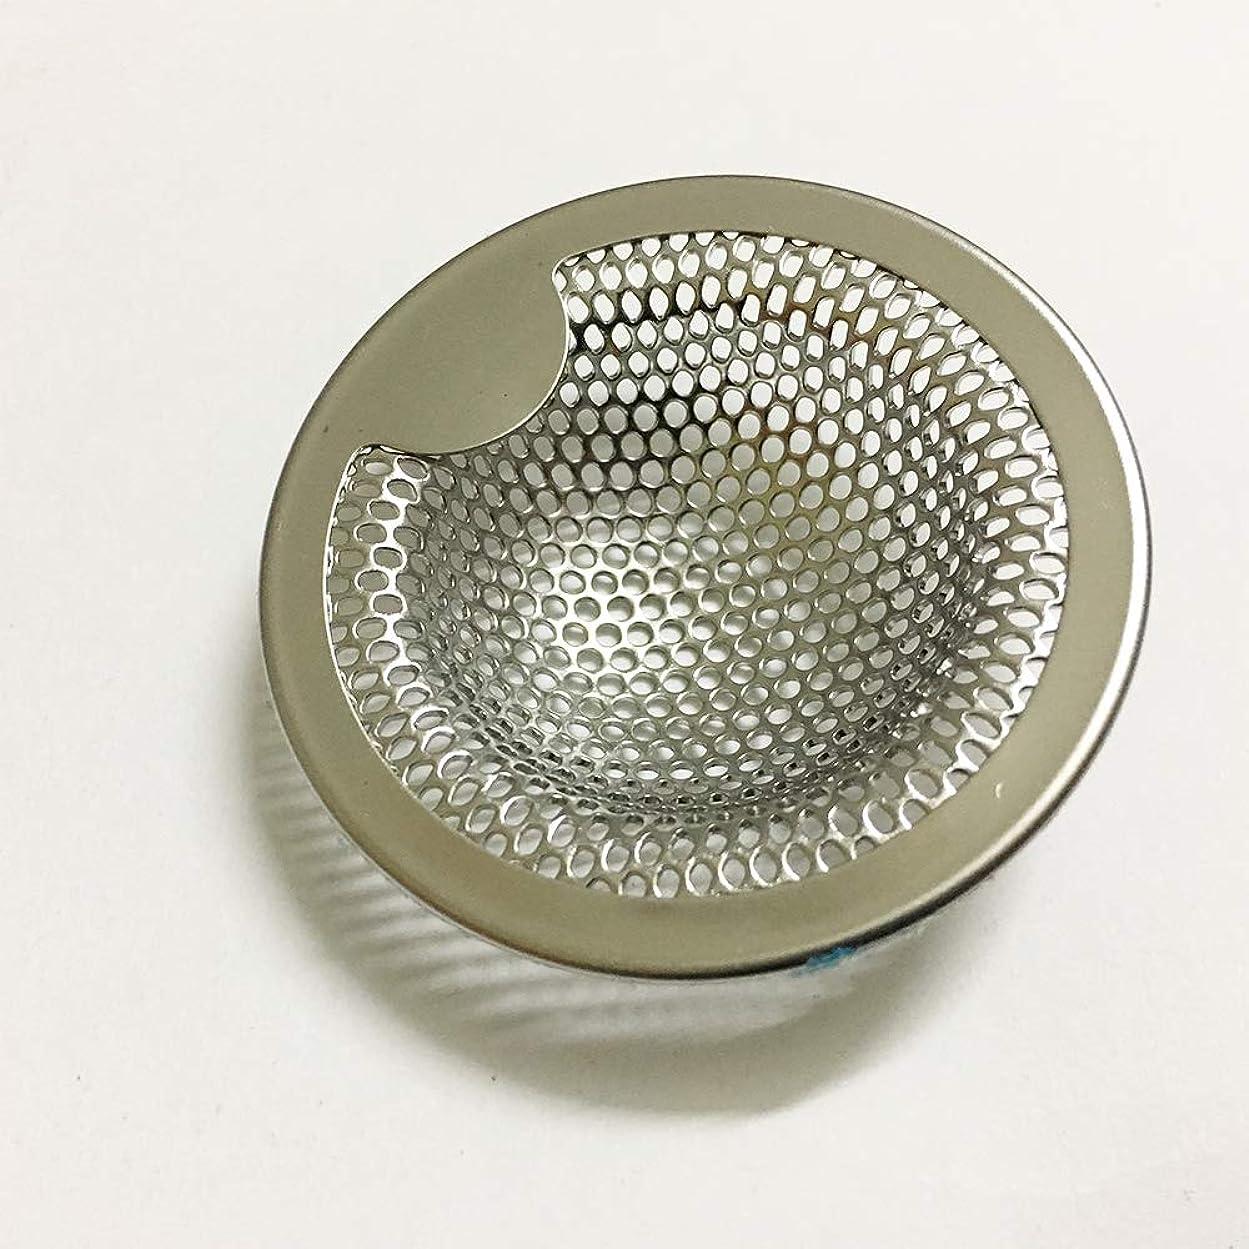 見て民間人広まったSANEI 洗面器排水口用 ゴミ受 口径35~42mm用 PH3920-2